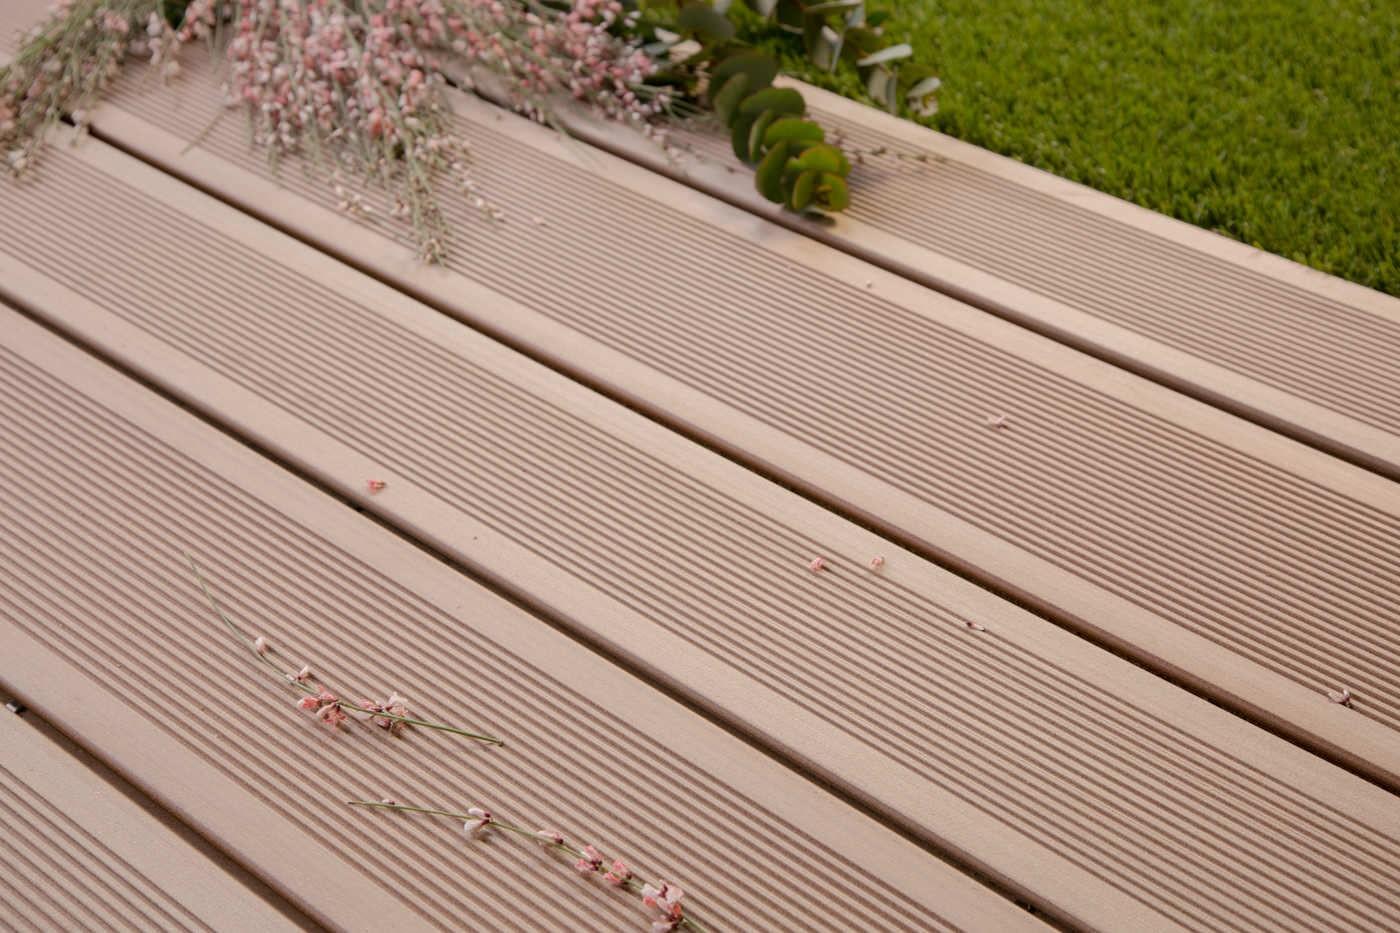 Lame De Terrasse En Bois Composite Brun Exotique Profil Lisse